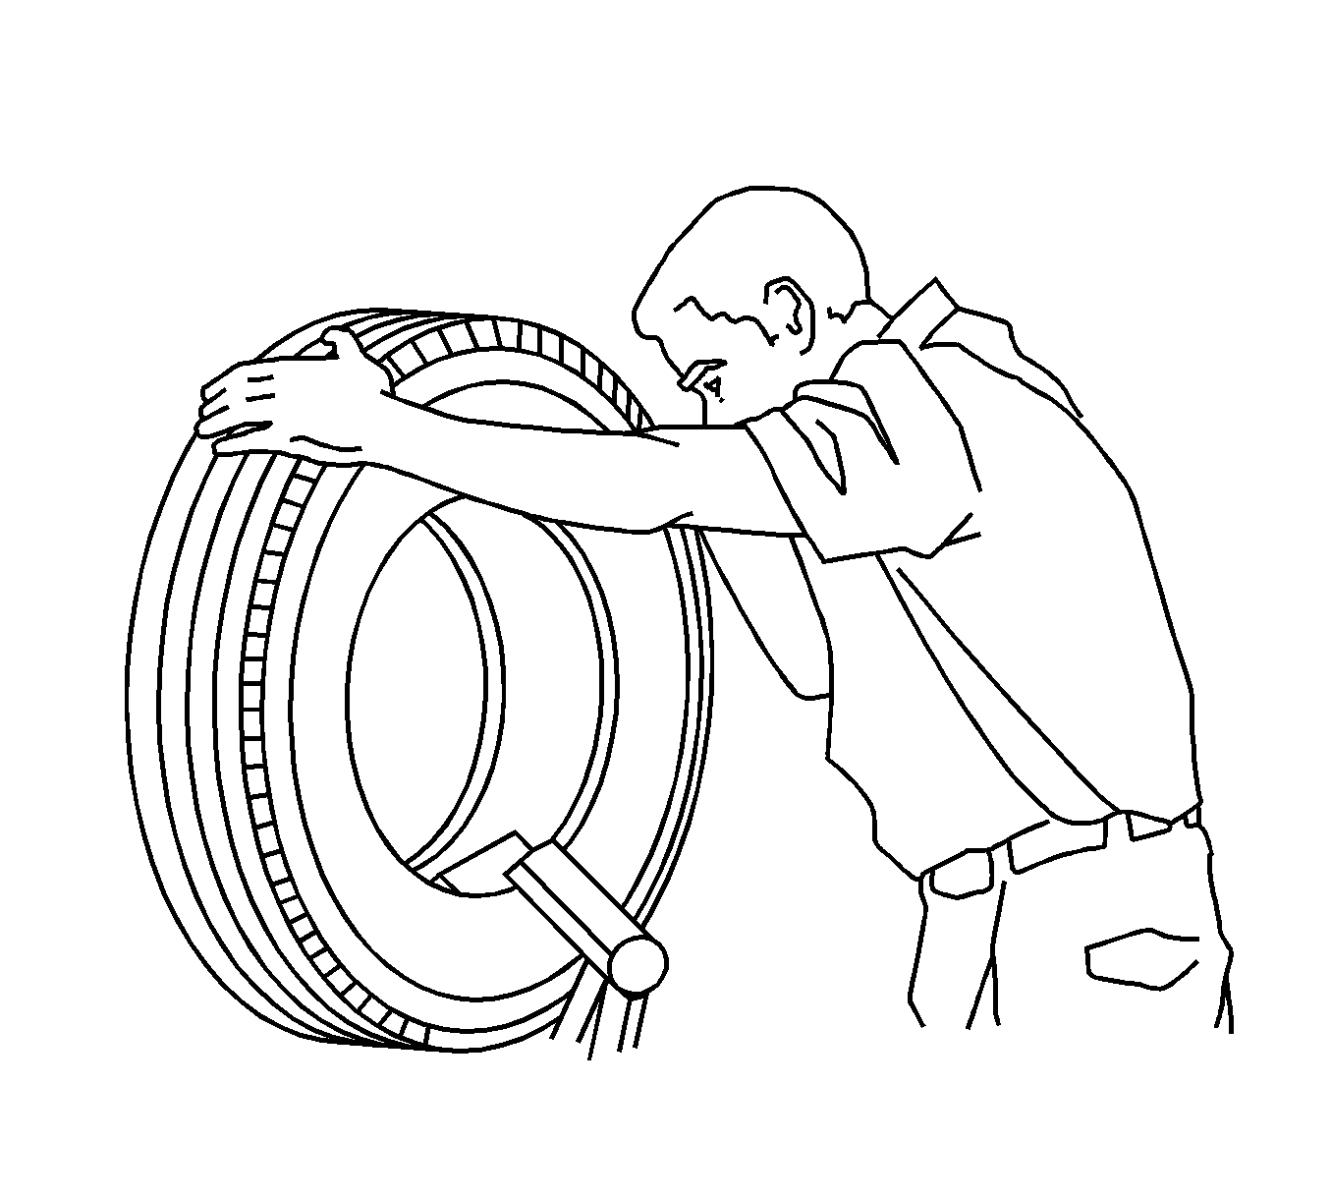 Tire Puncture Repair Procedures And Prior Gm